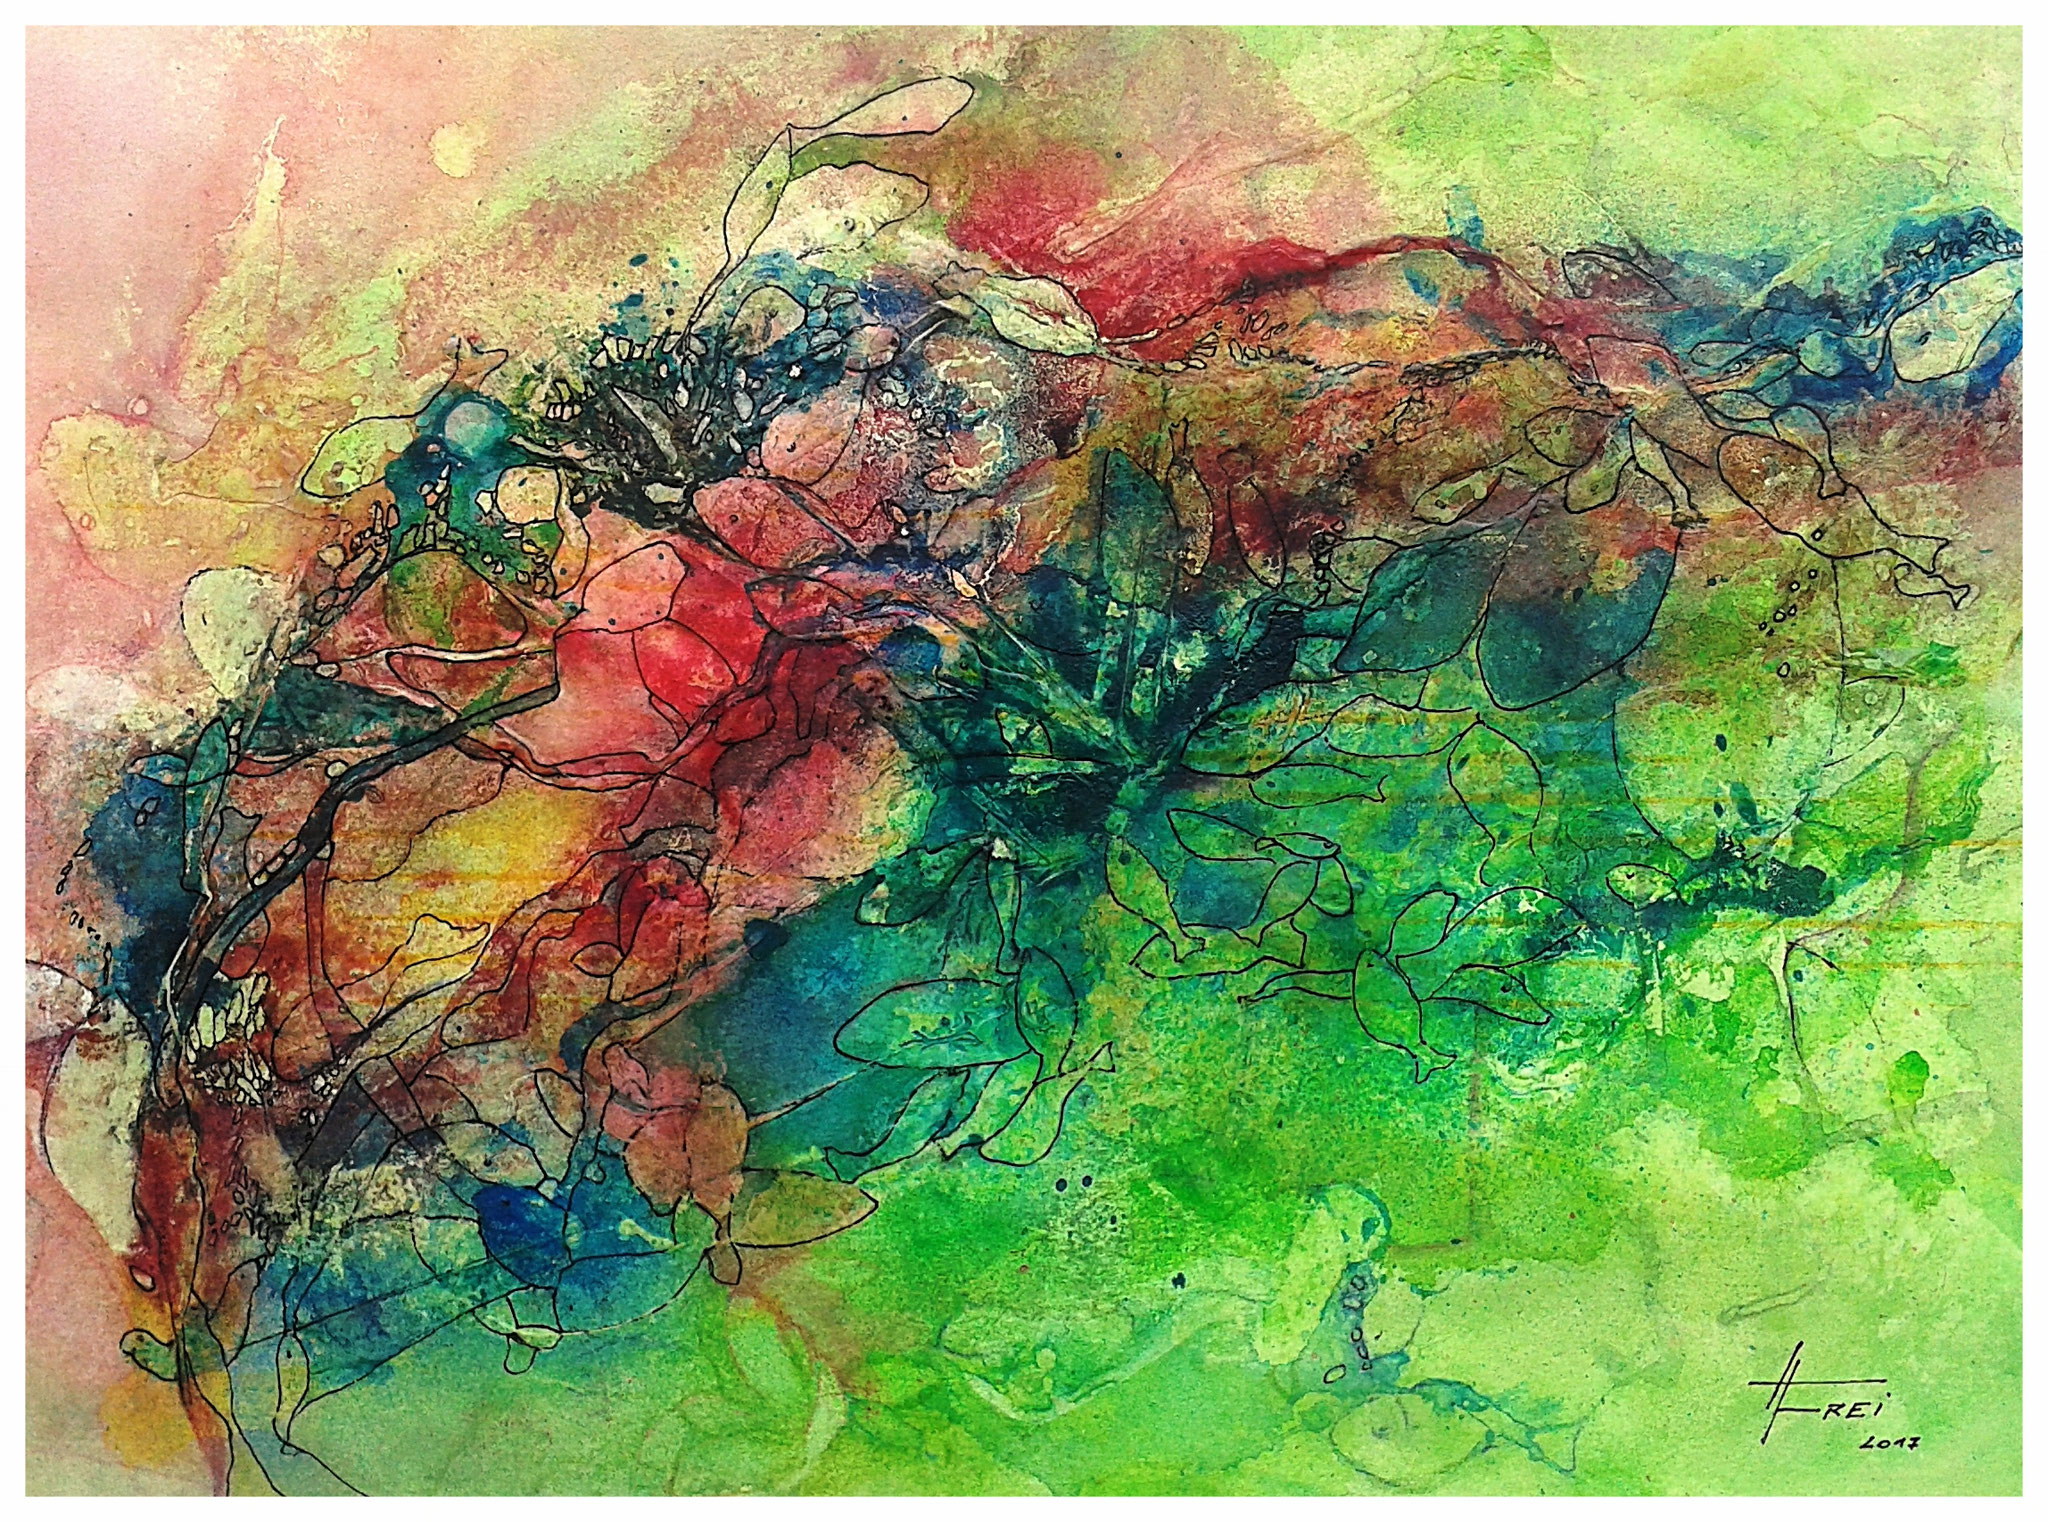 ART HFrei - Müllfische